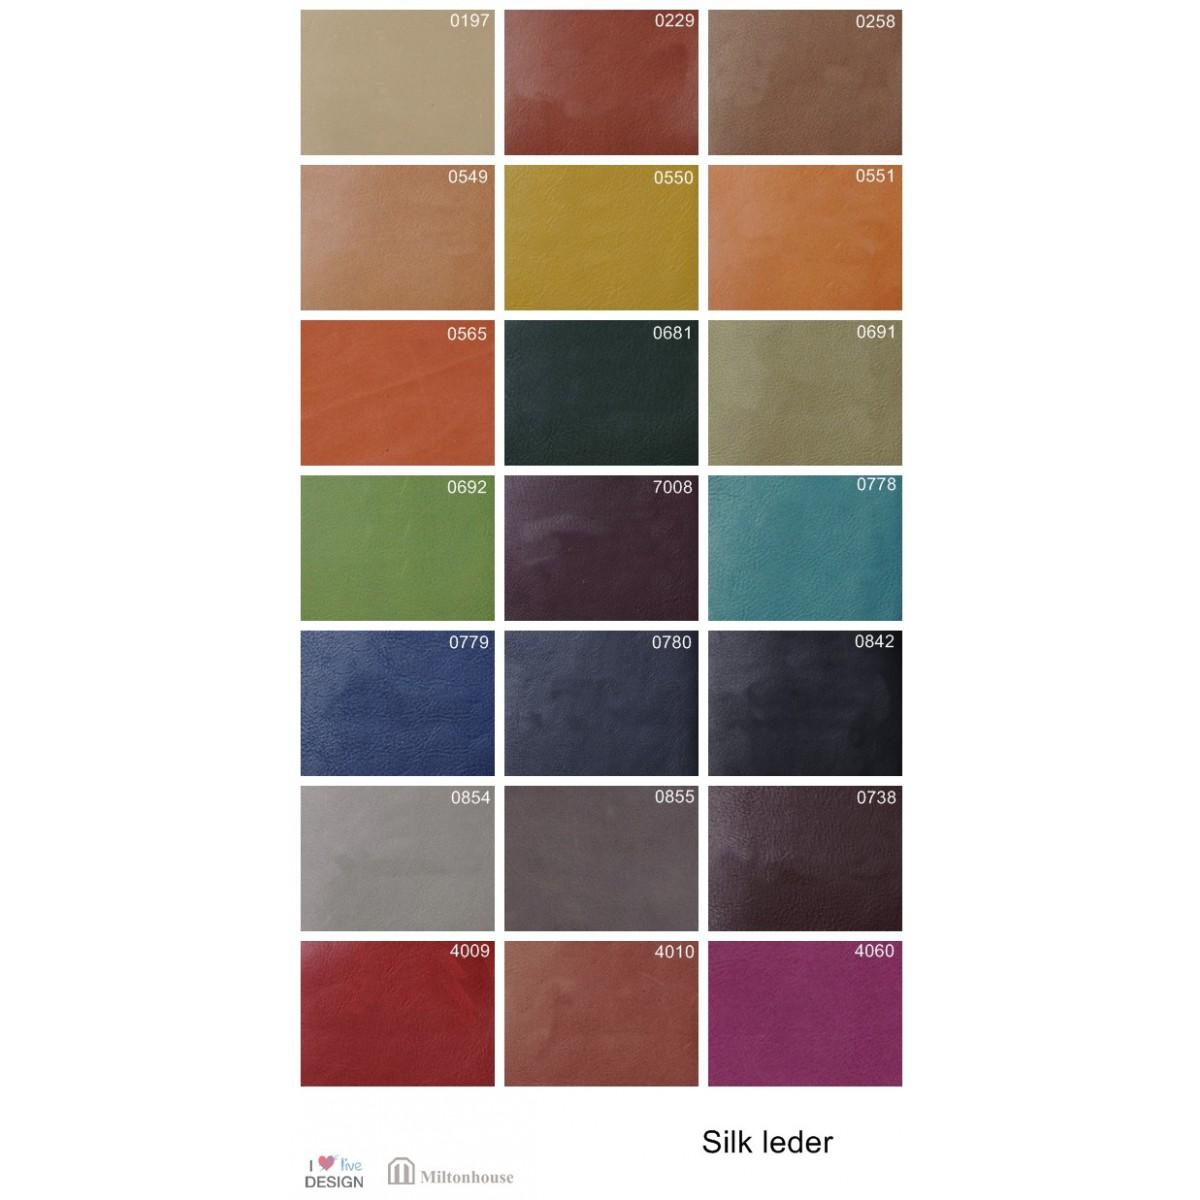 silk-leder-stalen-leer-het-anker-l'ancora